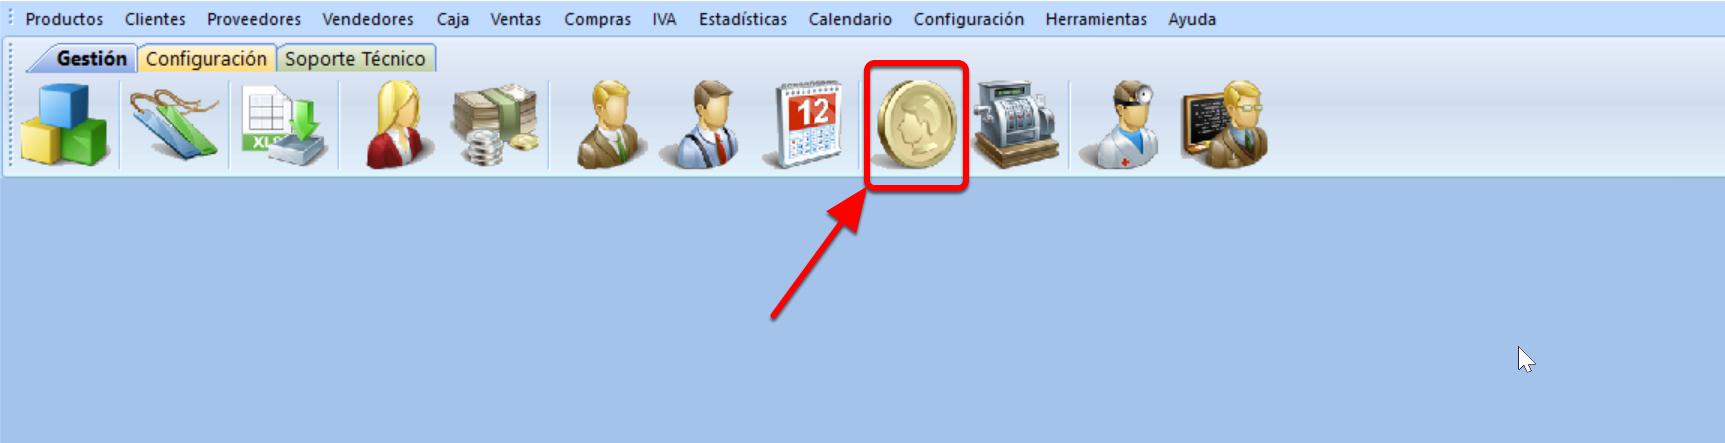 El icono para abrir el m贸dulo de facturaci贸n es el de la moneda